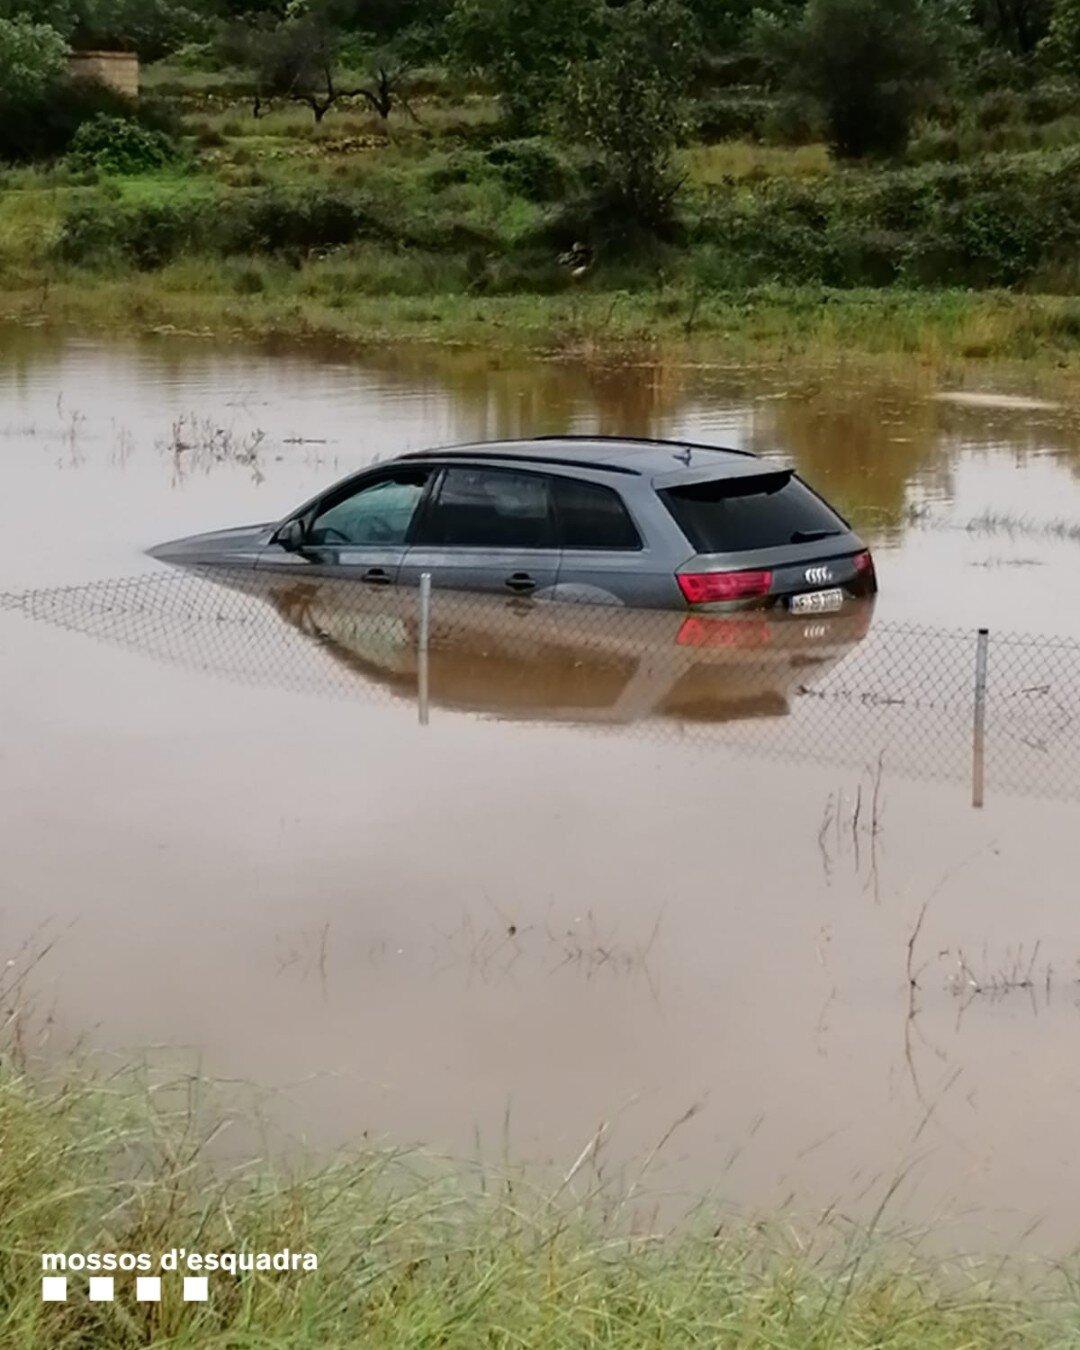 Pla obert d'un cotxe completament inundat a per els aiguats al Montsià i el Baix Ebre. Imatge cedida l'1 de setembre del 2021 (Vertical)